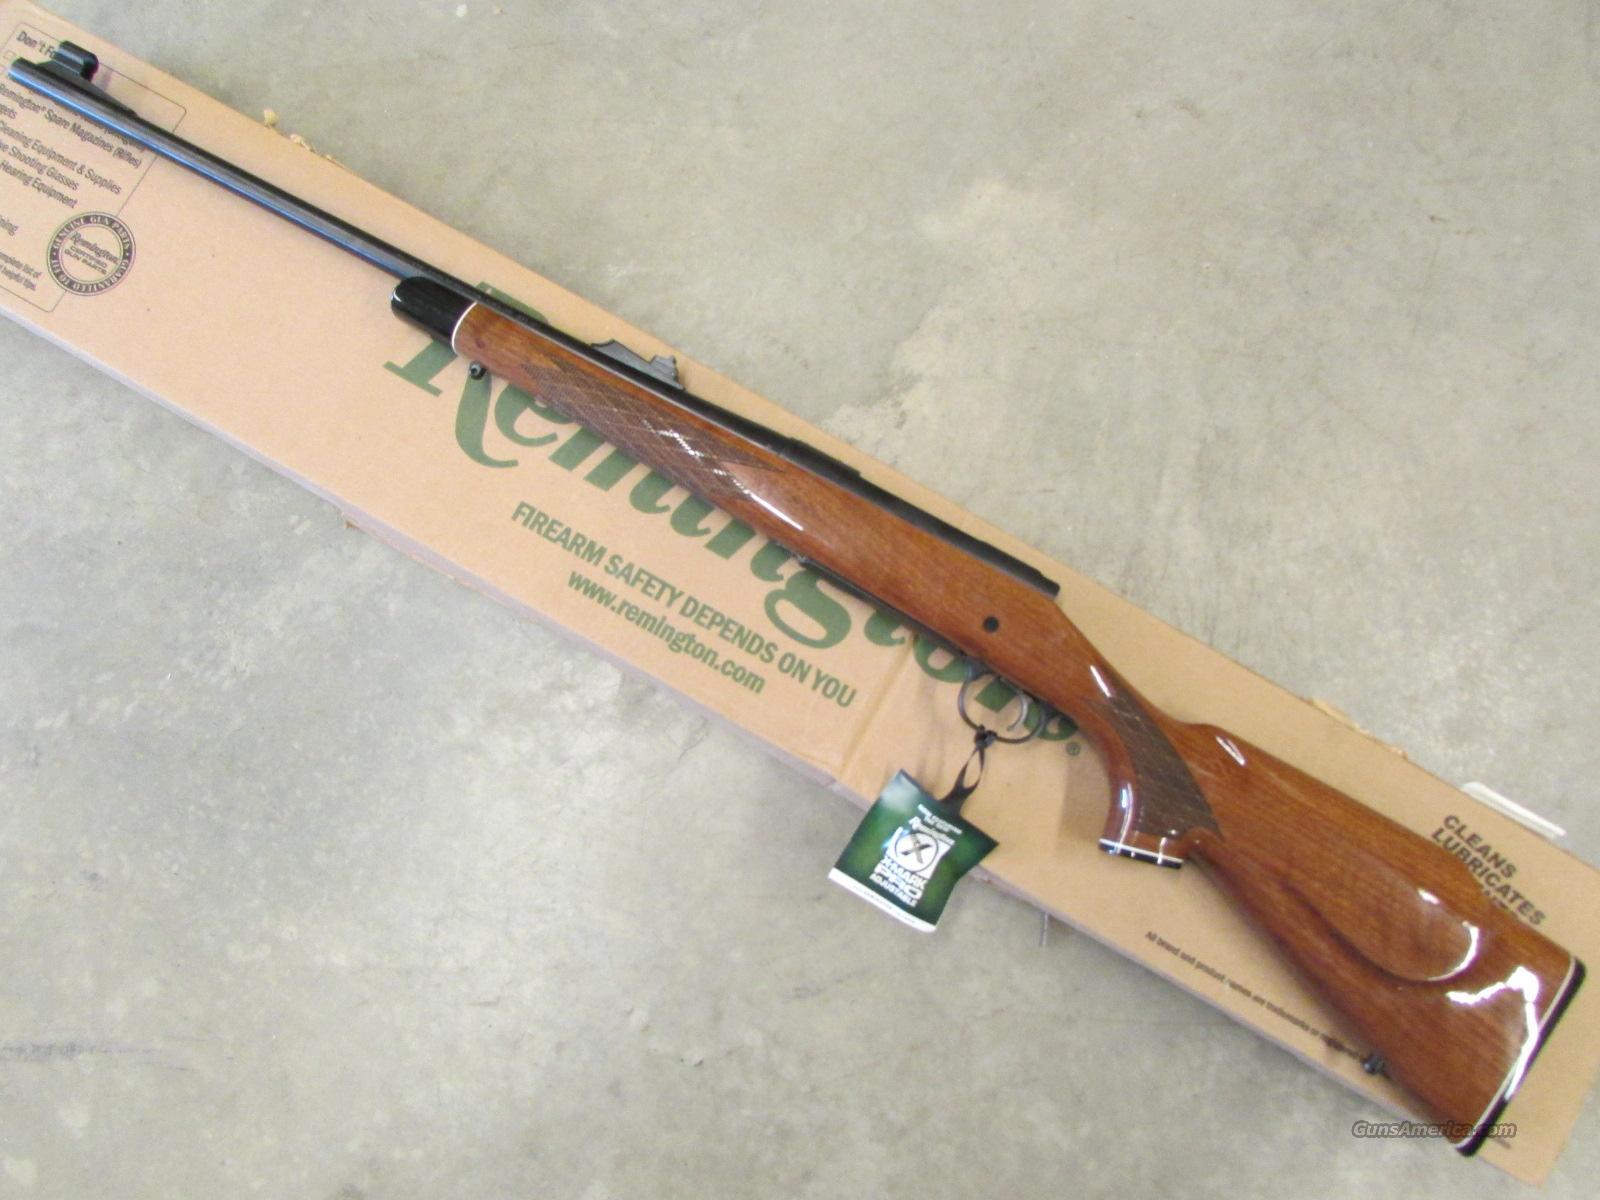 Remington 700 Bdl Walnut Stock 22 Blued Barrel For Sale